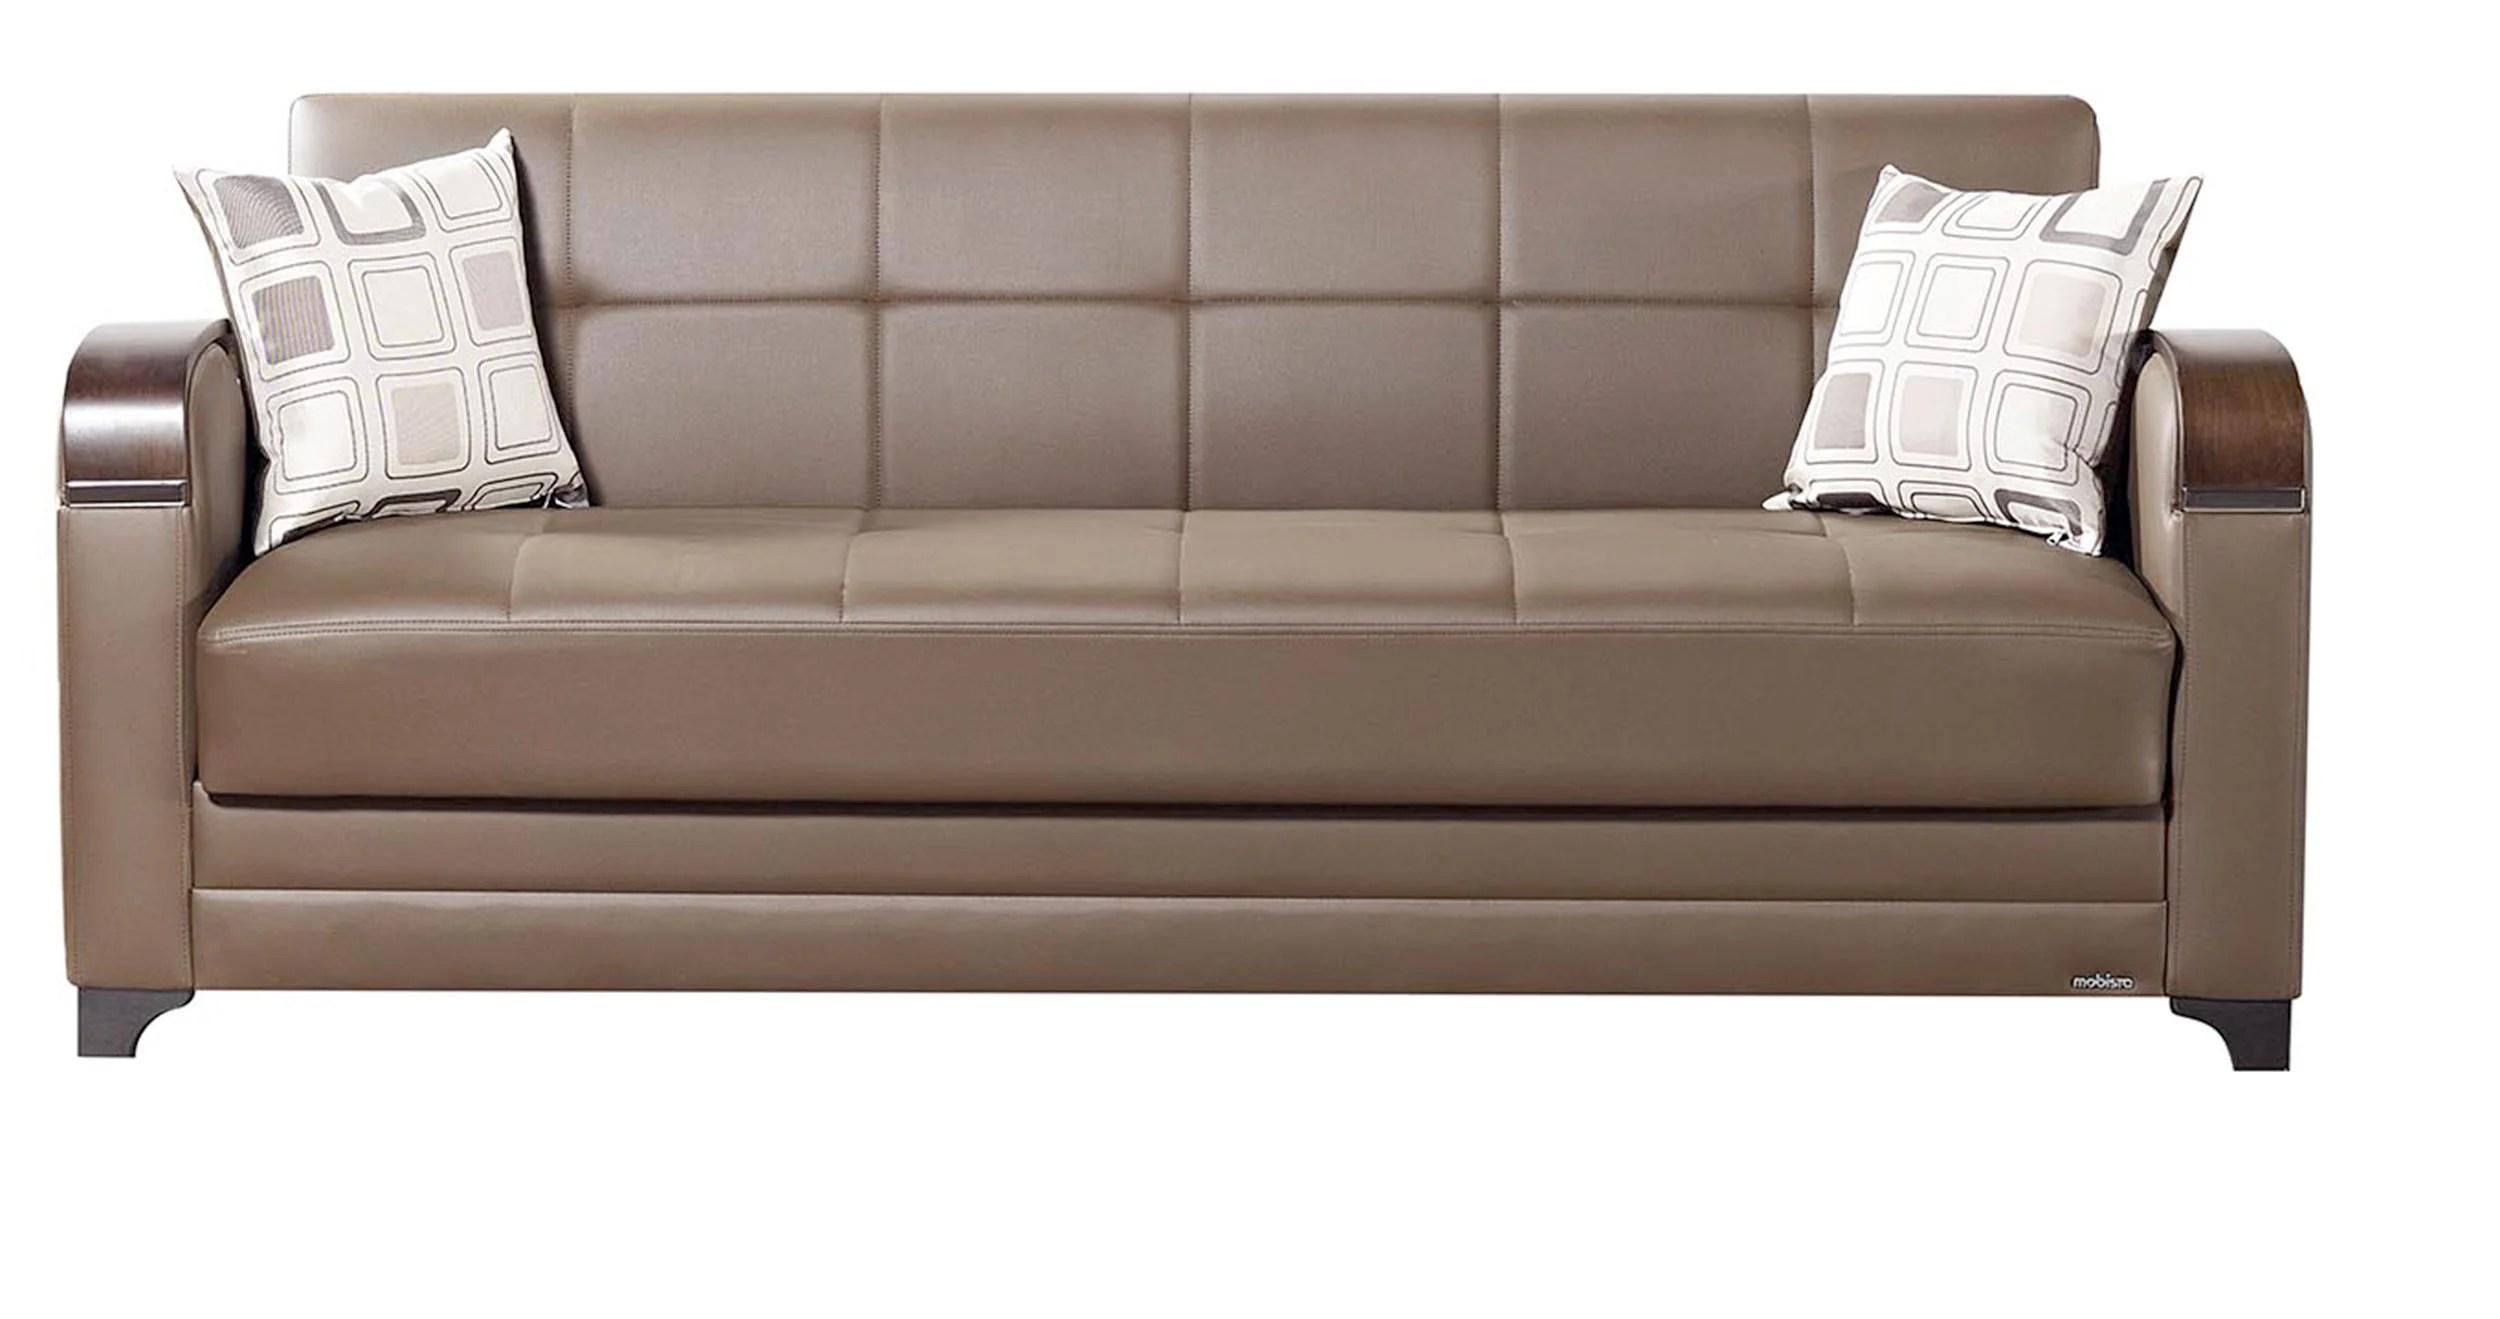 leatherette sofa durability convertible bunk bed pozzi etro prestige brown by mobista